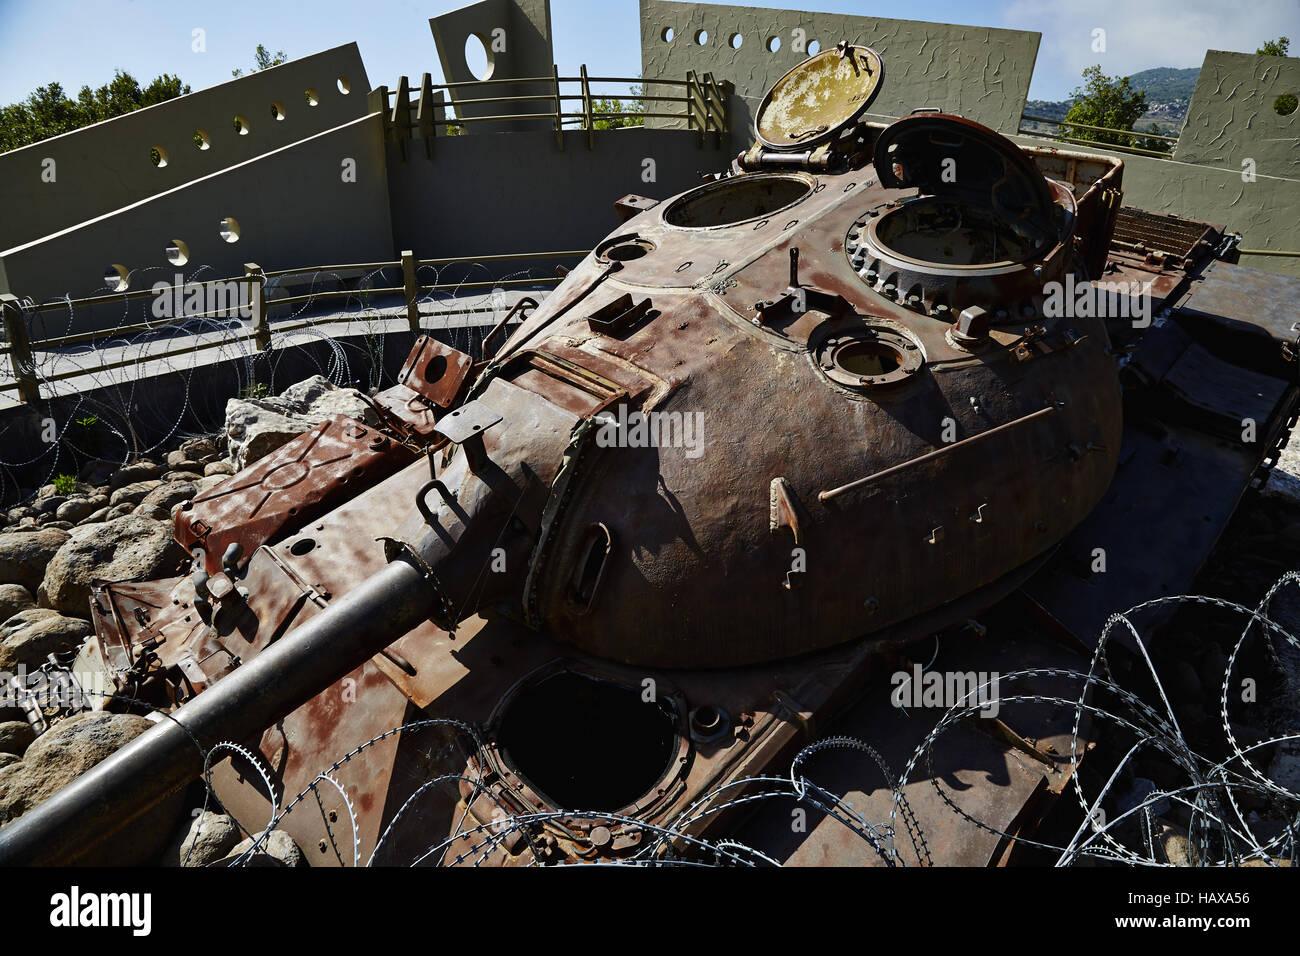 טנק מרכבה ככה צהל שיקר לחיילים ושלח אותם למותם בלבנון  Hezbollah-museum-for-resistance-tourism-HAXA56